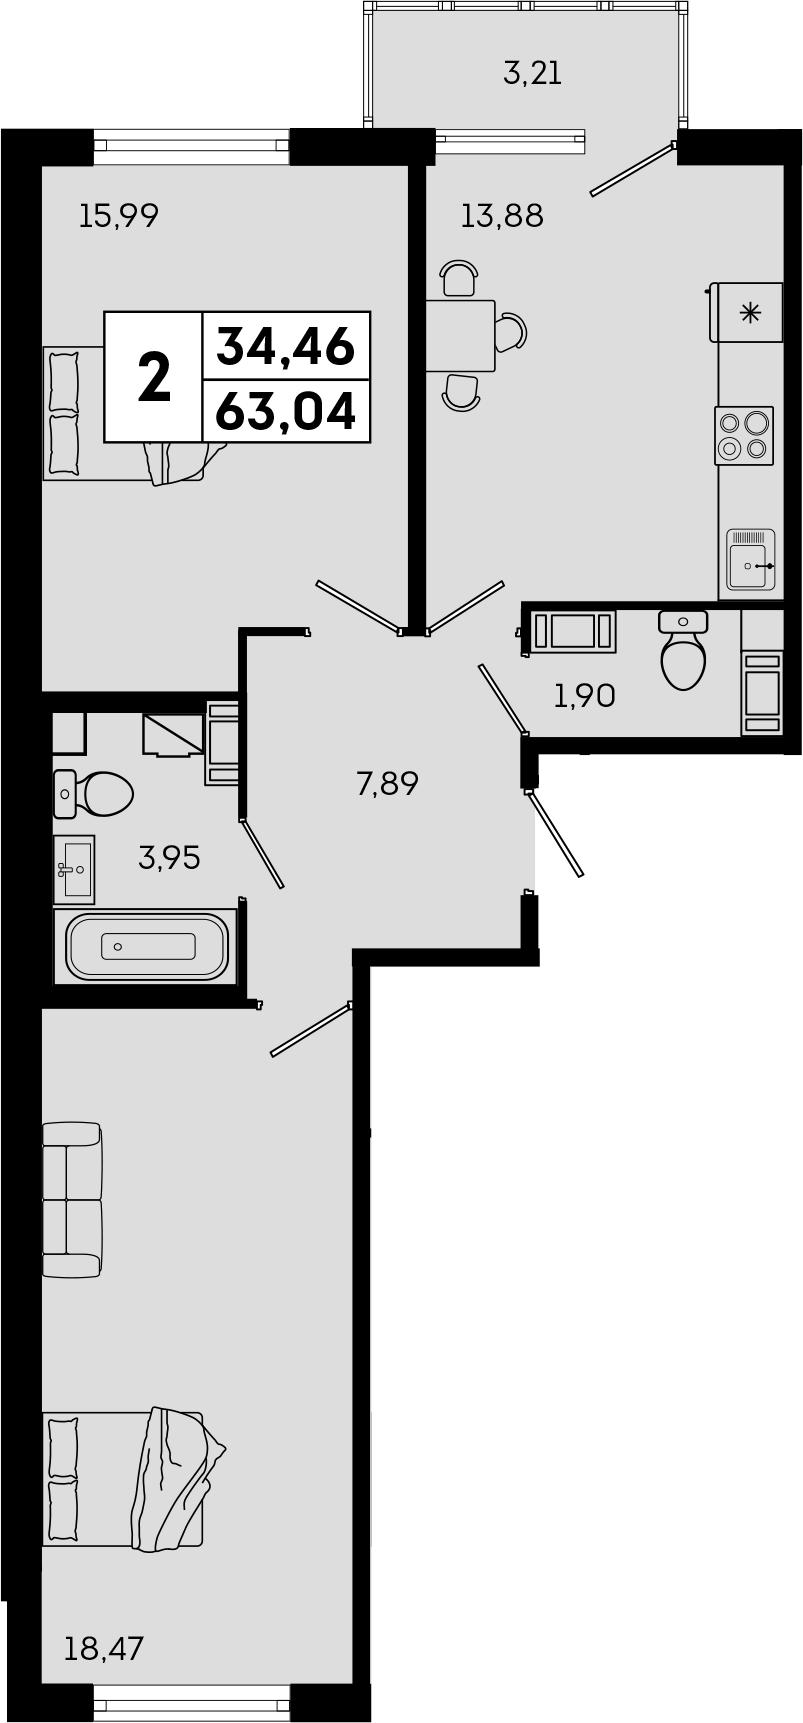 2-комнатная, 63.04 м²– 2